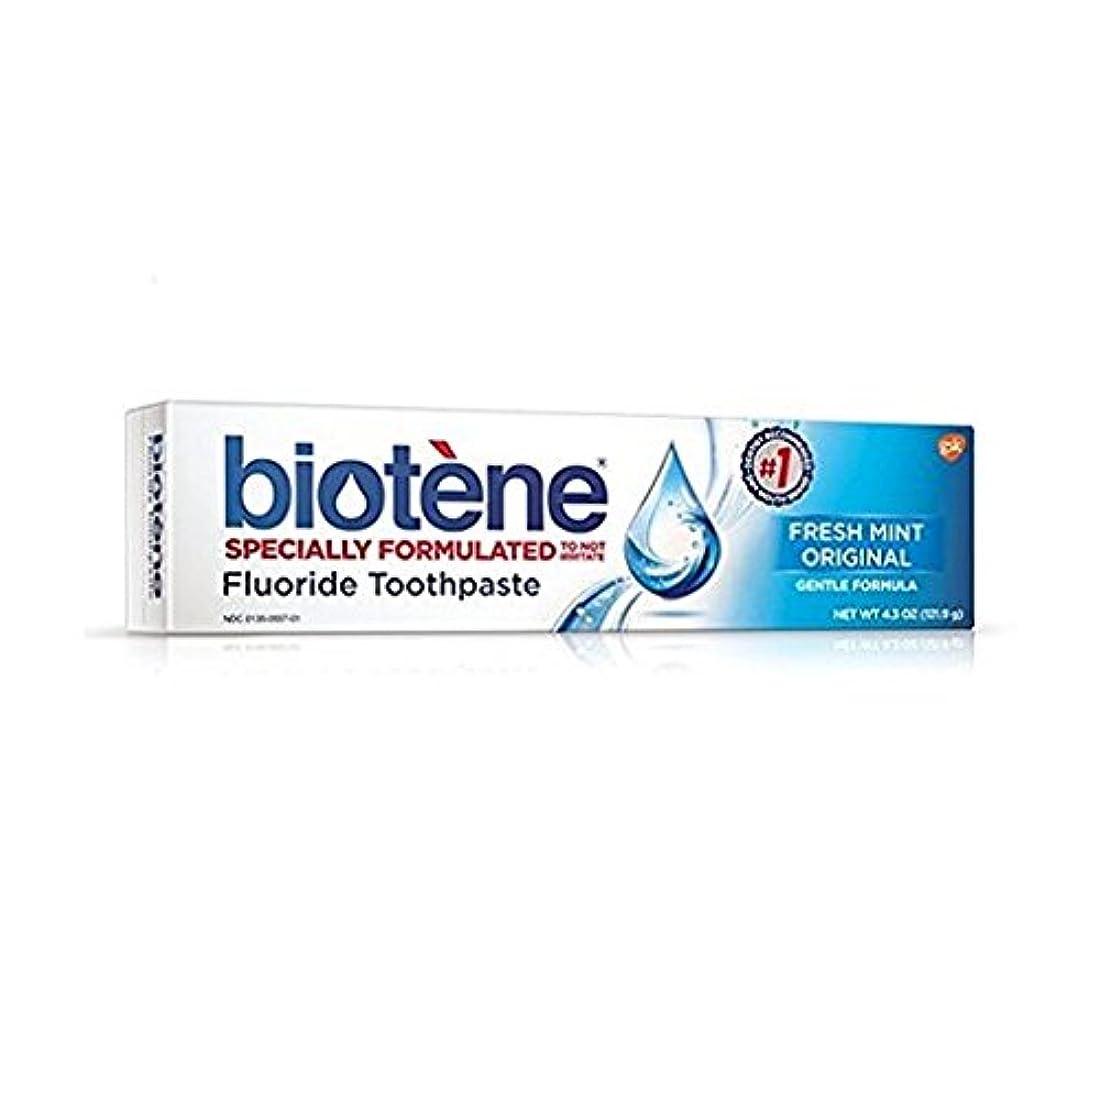 悪の忌避剤子音Biotene Dry Mouth Fluoride Toothpaste Fresh Mint Original 4.3 Oz. (2 Pack) by Biotene